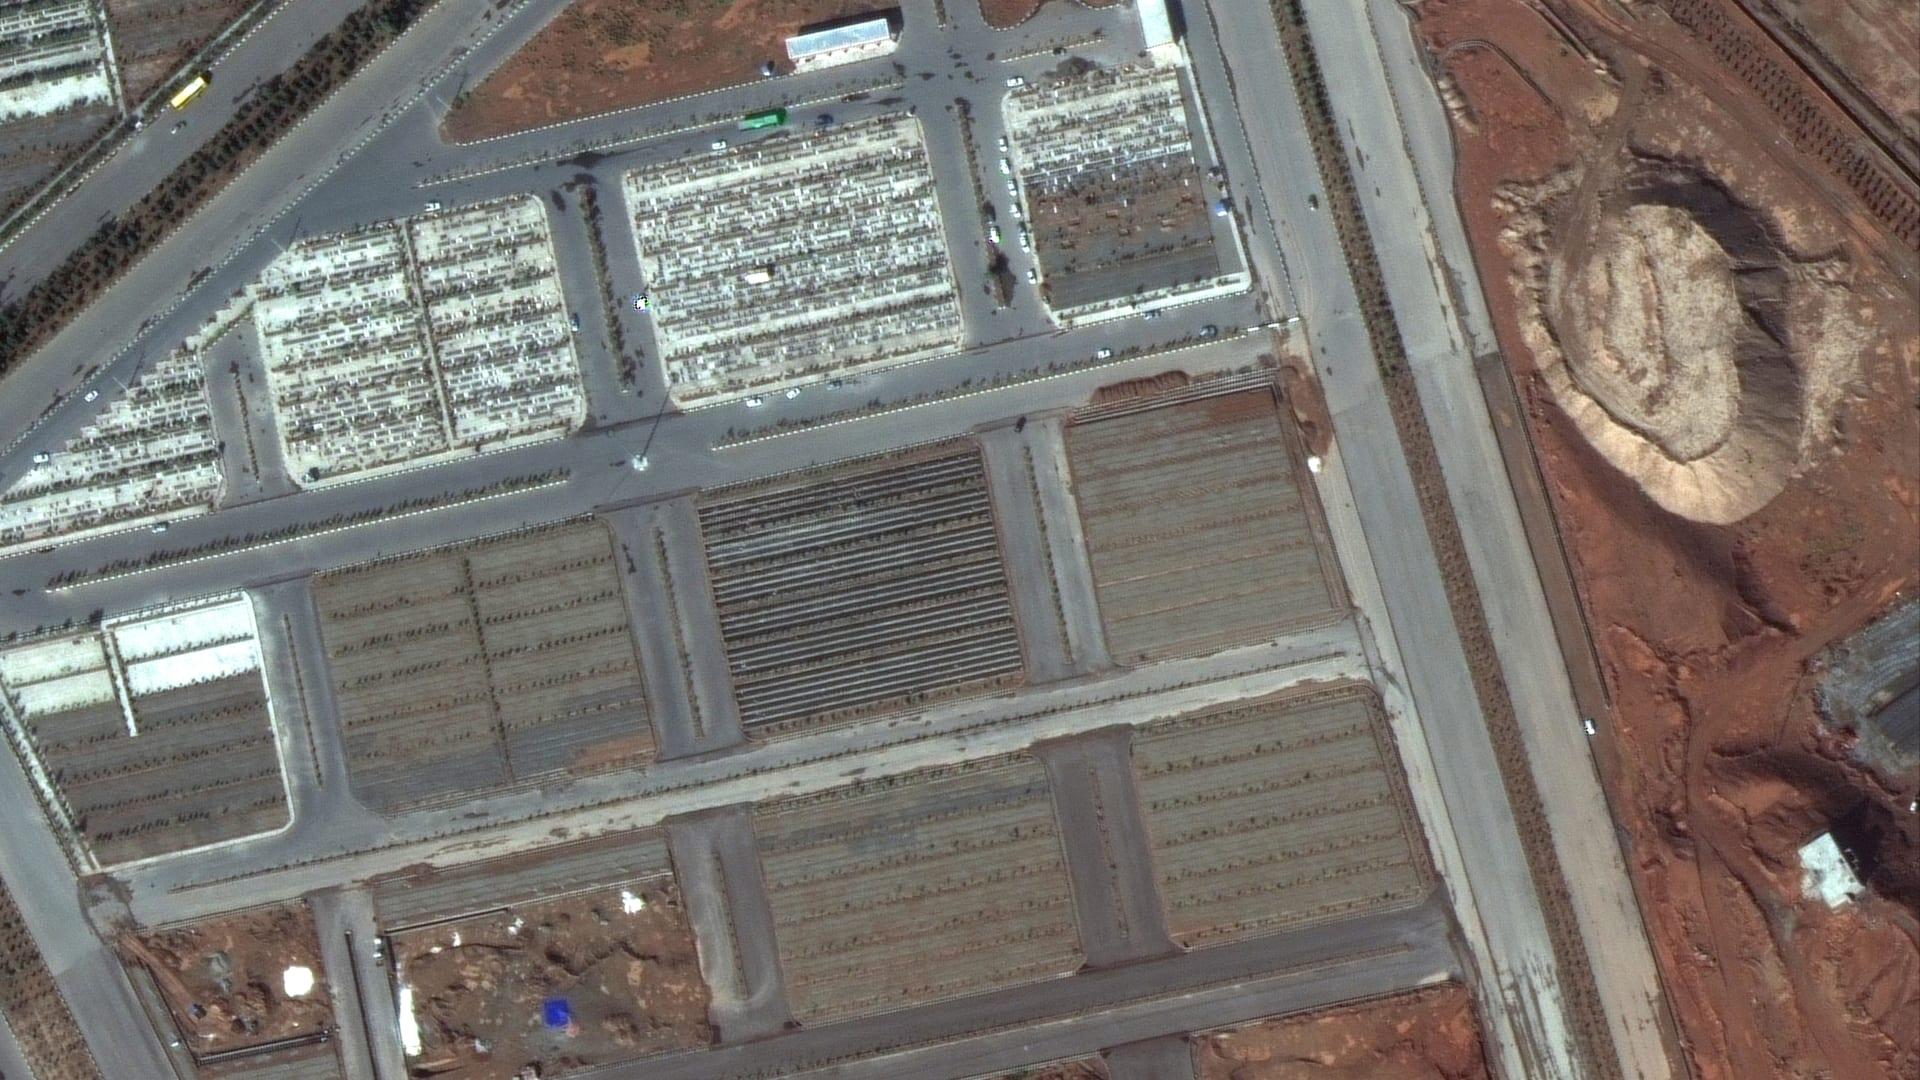 مقابر ضحايا فيروس كورونا في إيران.. صور أقمار صناعية تكشف حجم الكارثة